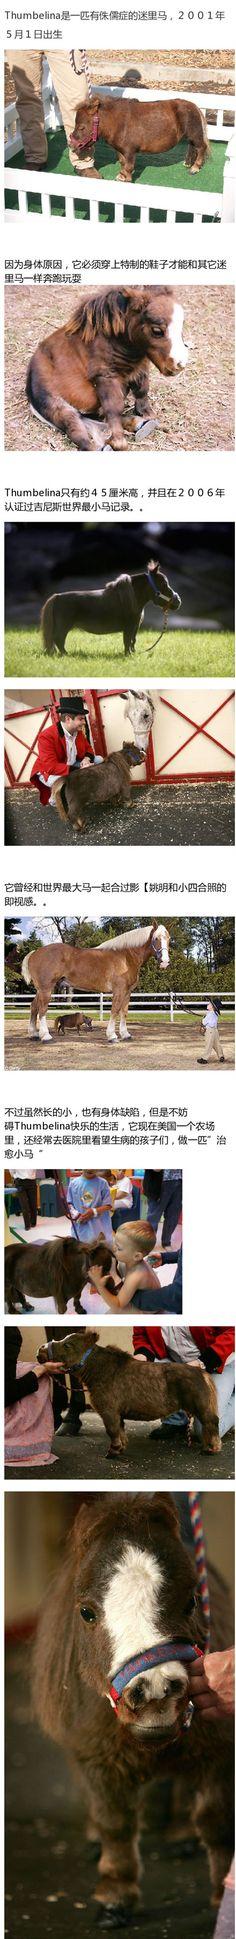 世界最小马 Thumbelina,它还是一匹治愈马呢 - 來自【@英国报姐/微博精選-chinatimes 中時電子報】